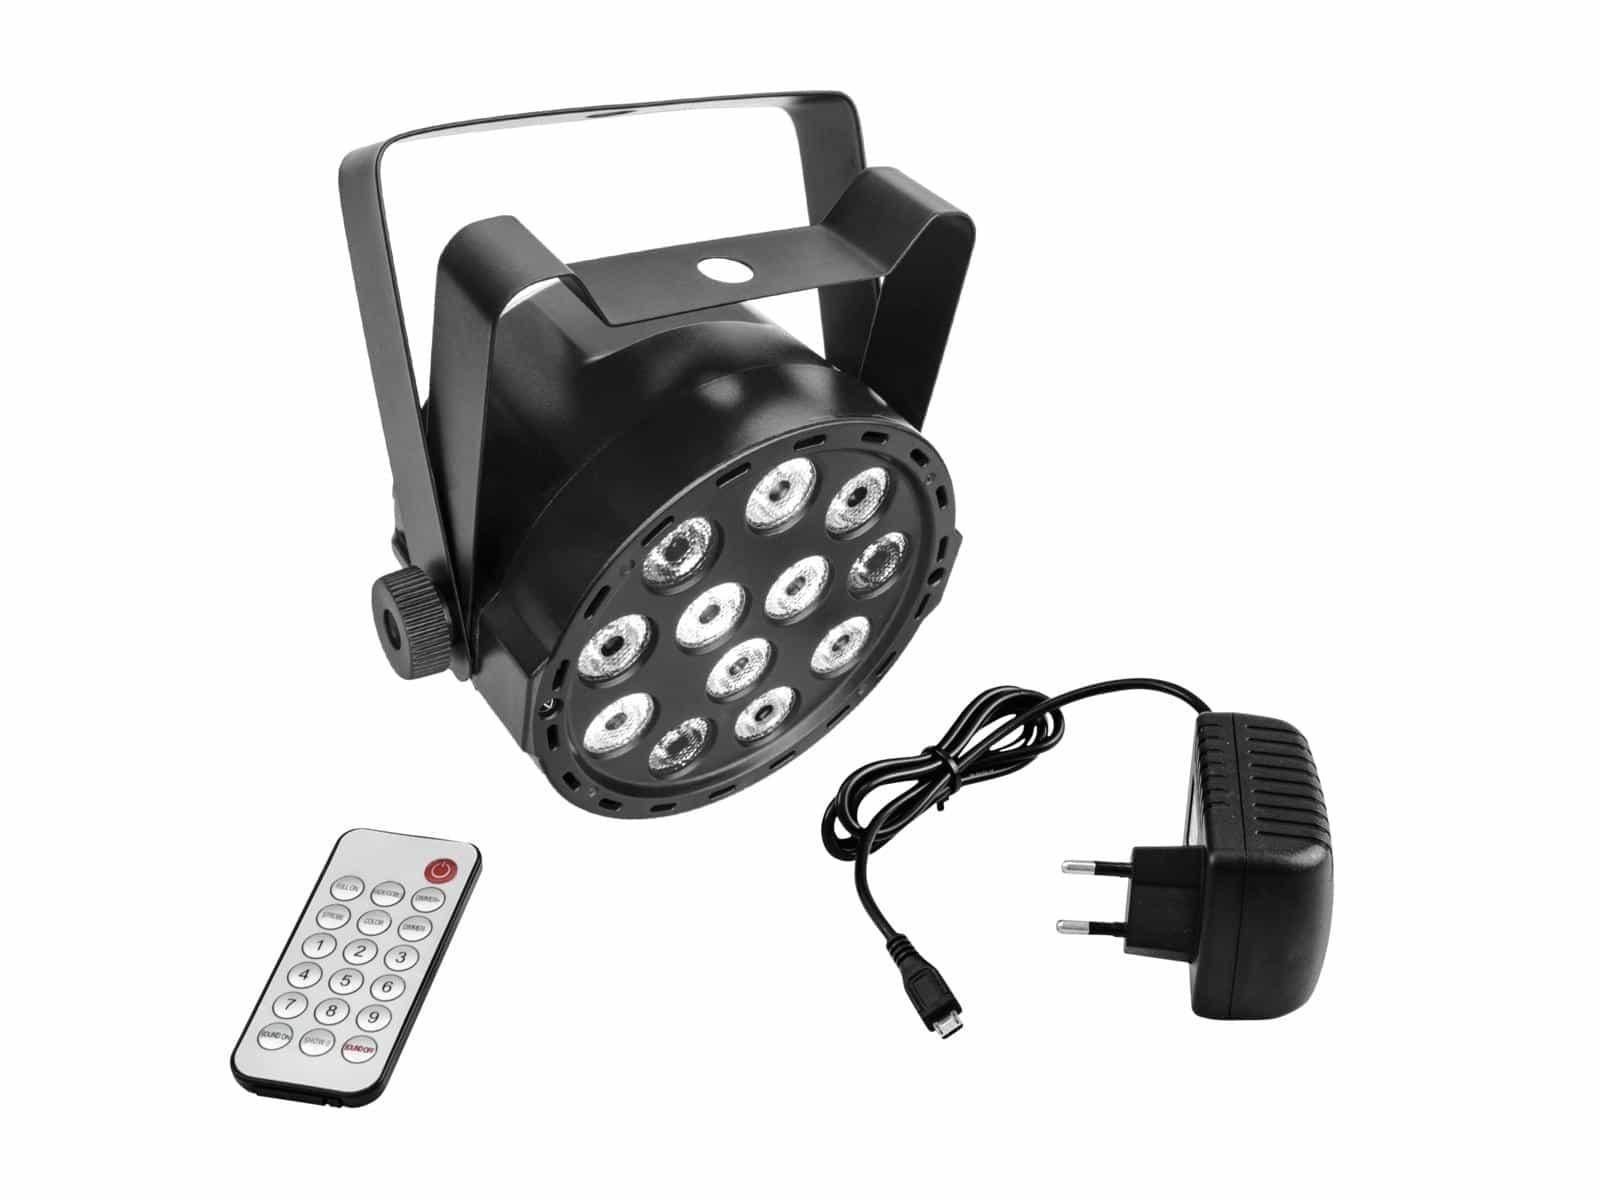 Scheinwerfer - Eurolite Akku Mini PARty RGBW Spot Scheinwerfer - Onlineshop Musikhaus Kirstein